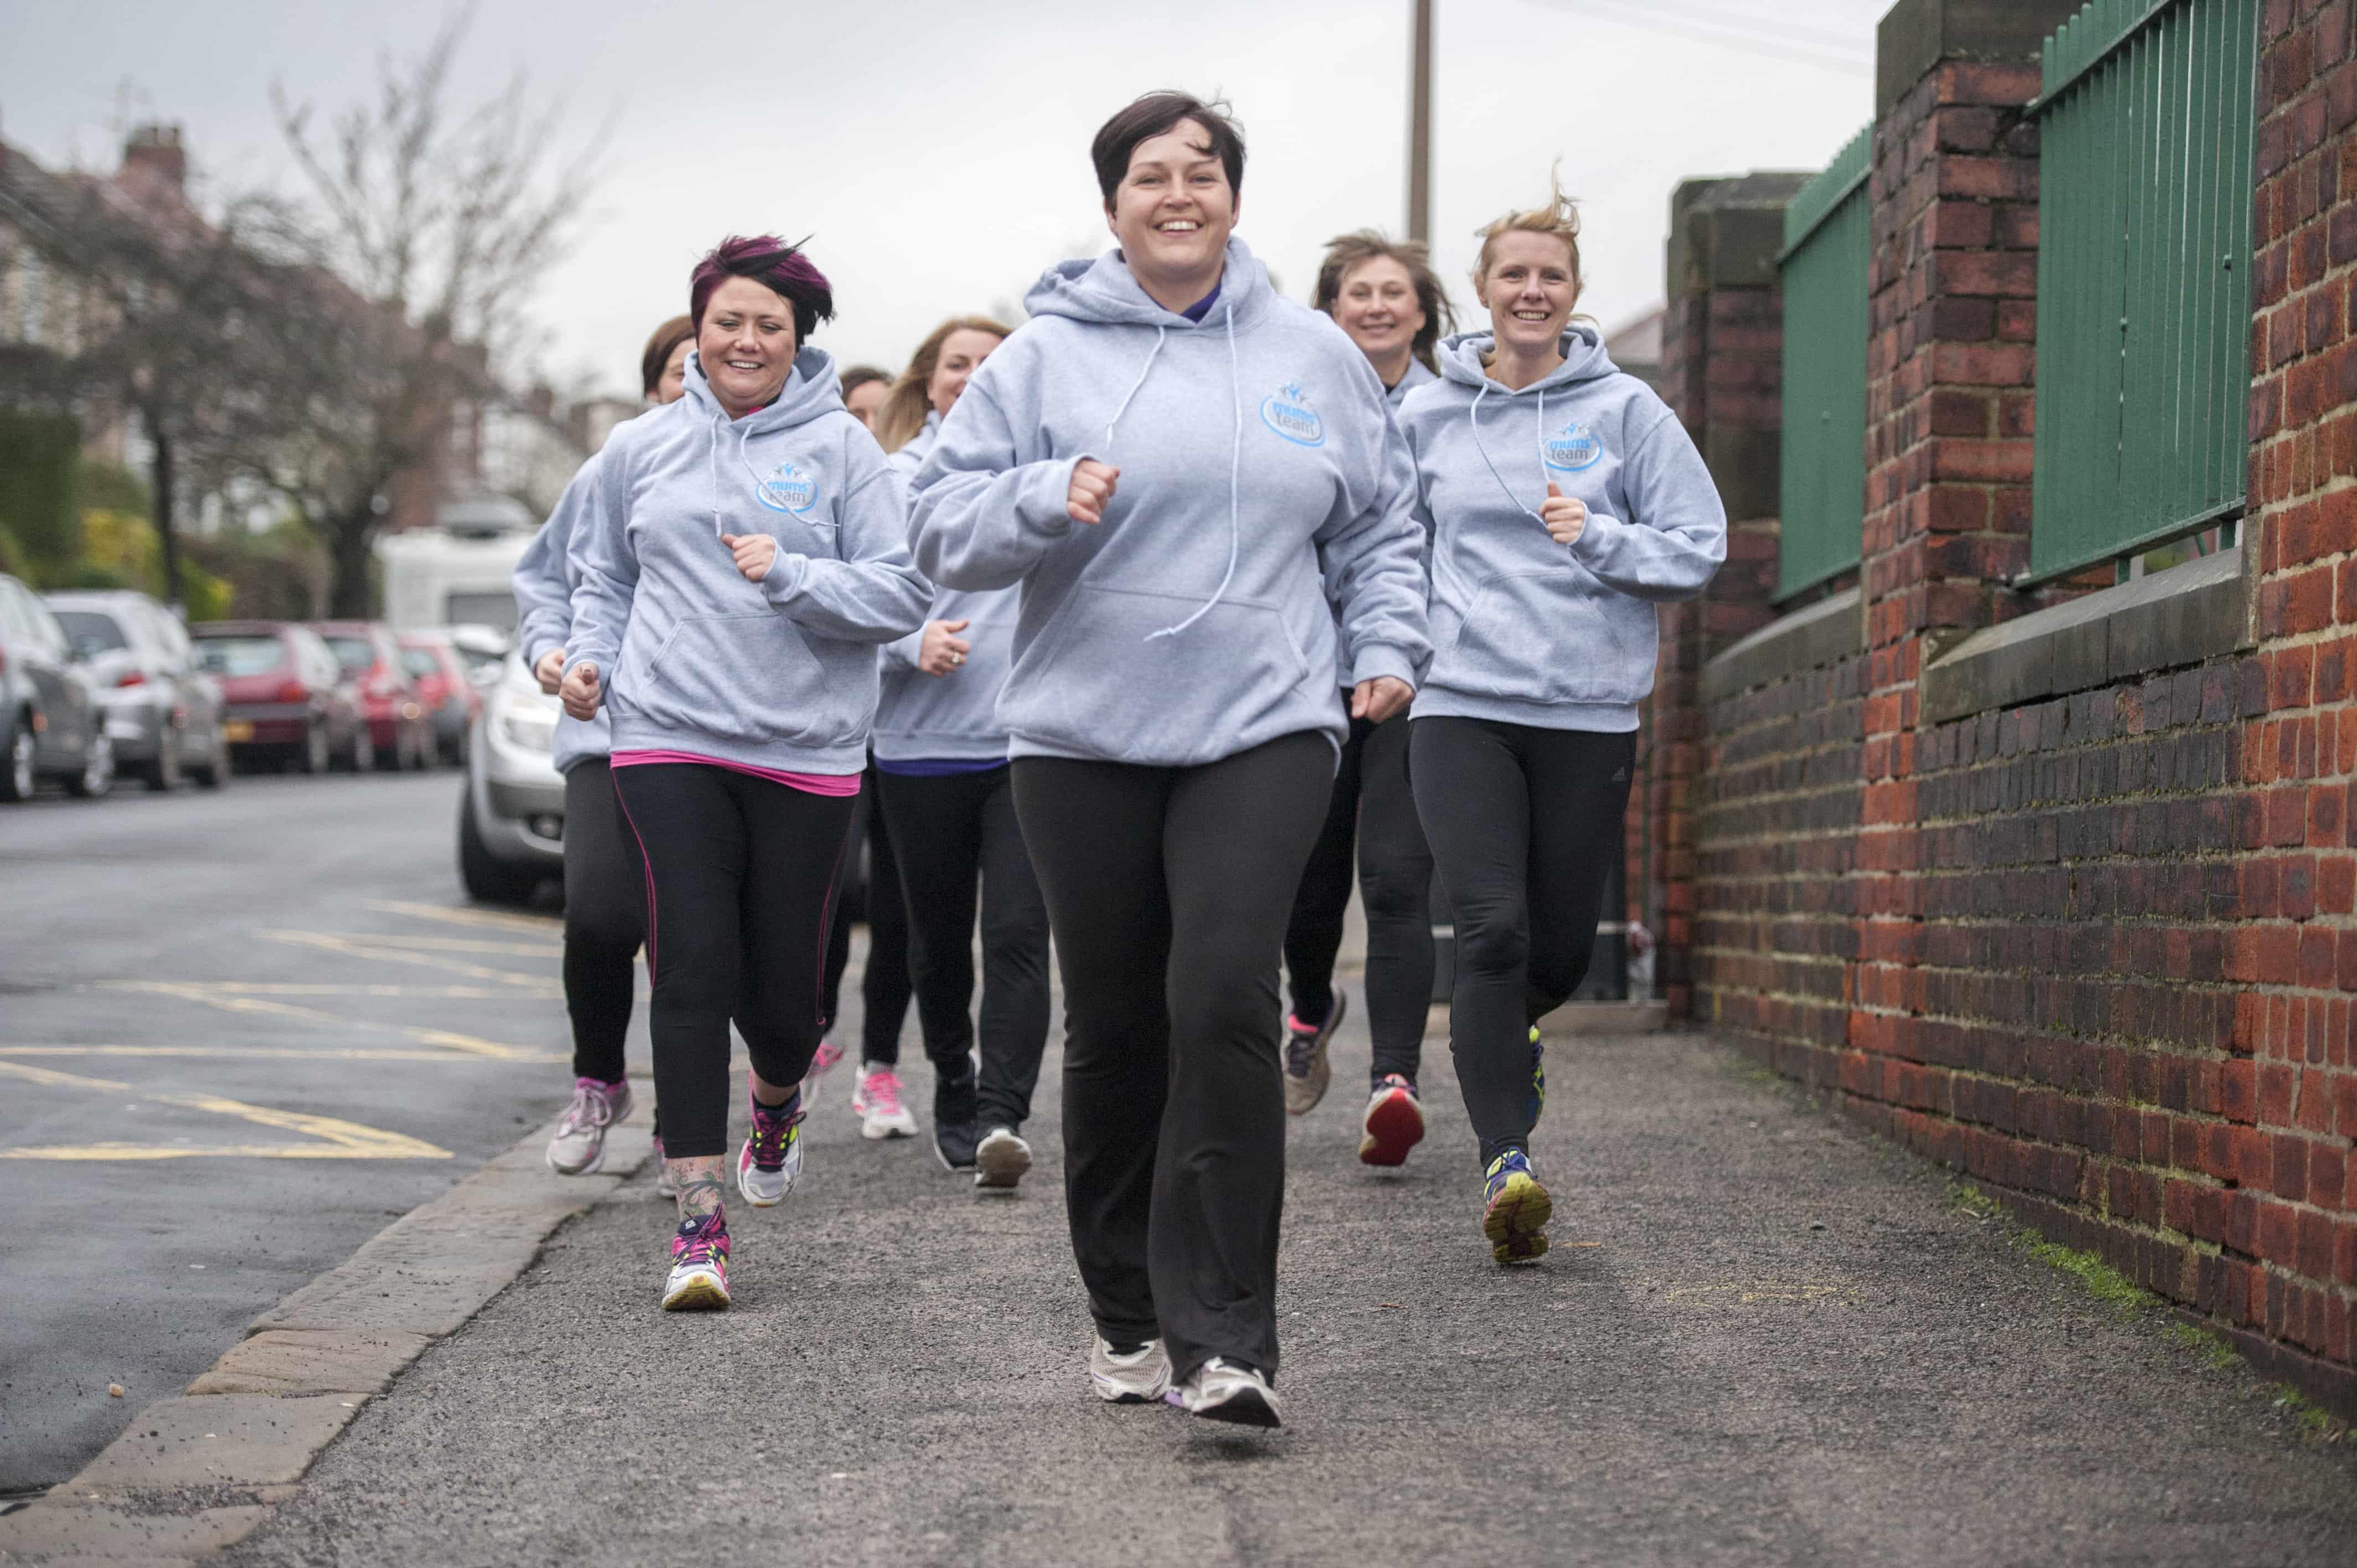 mum team volunteers jogging